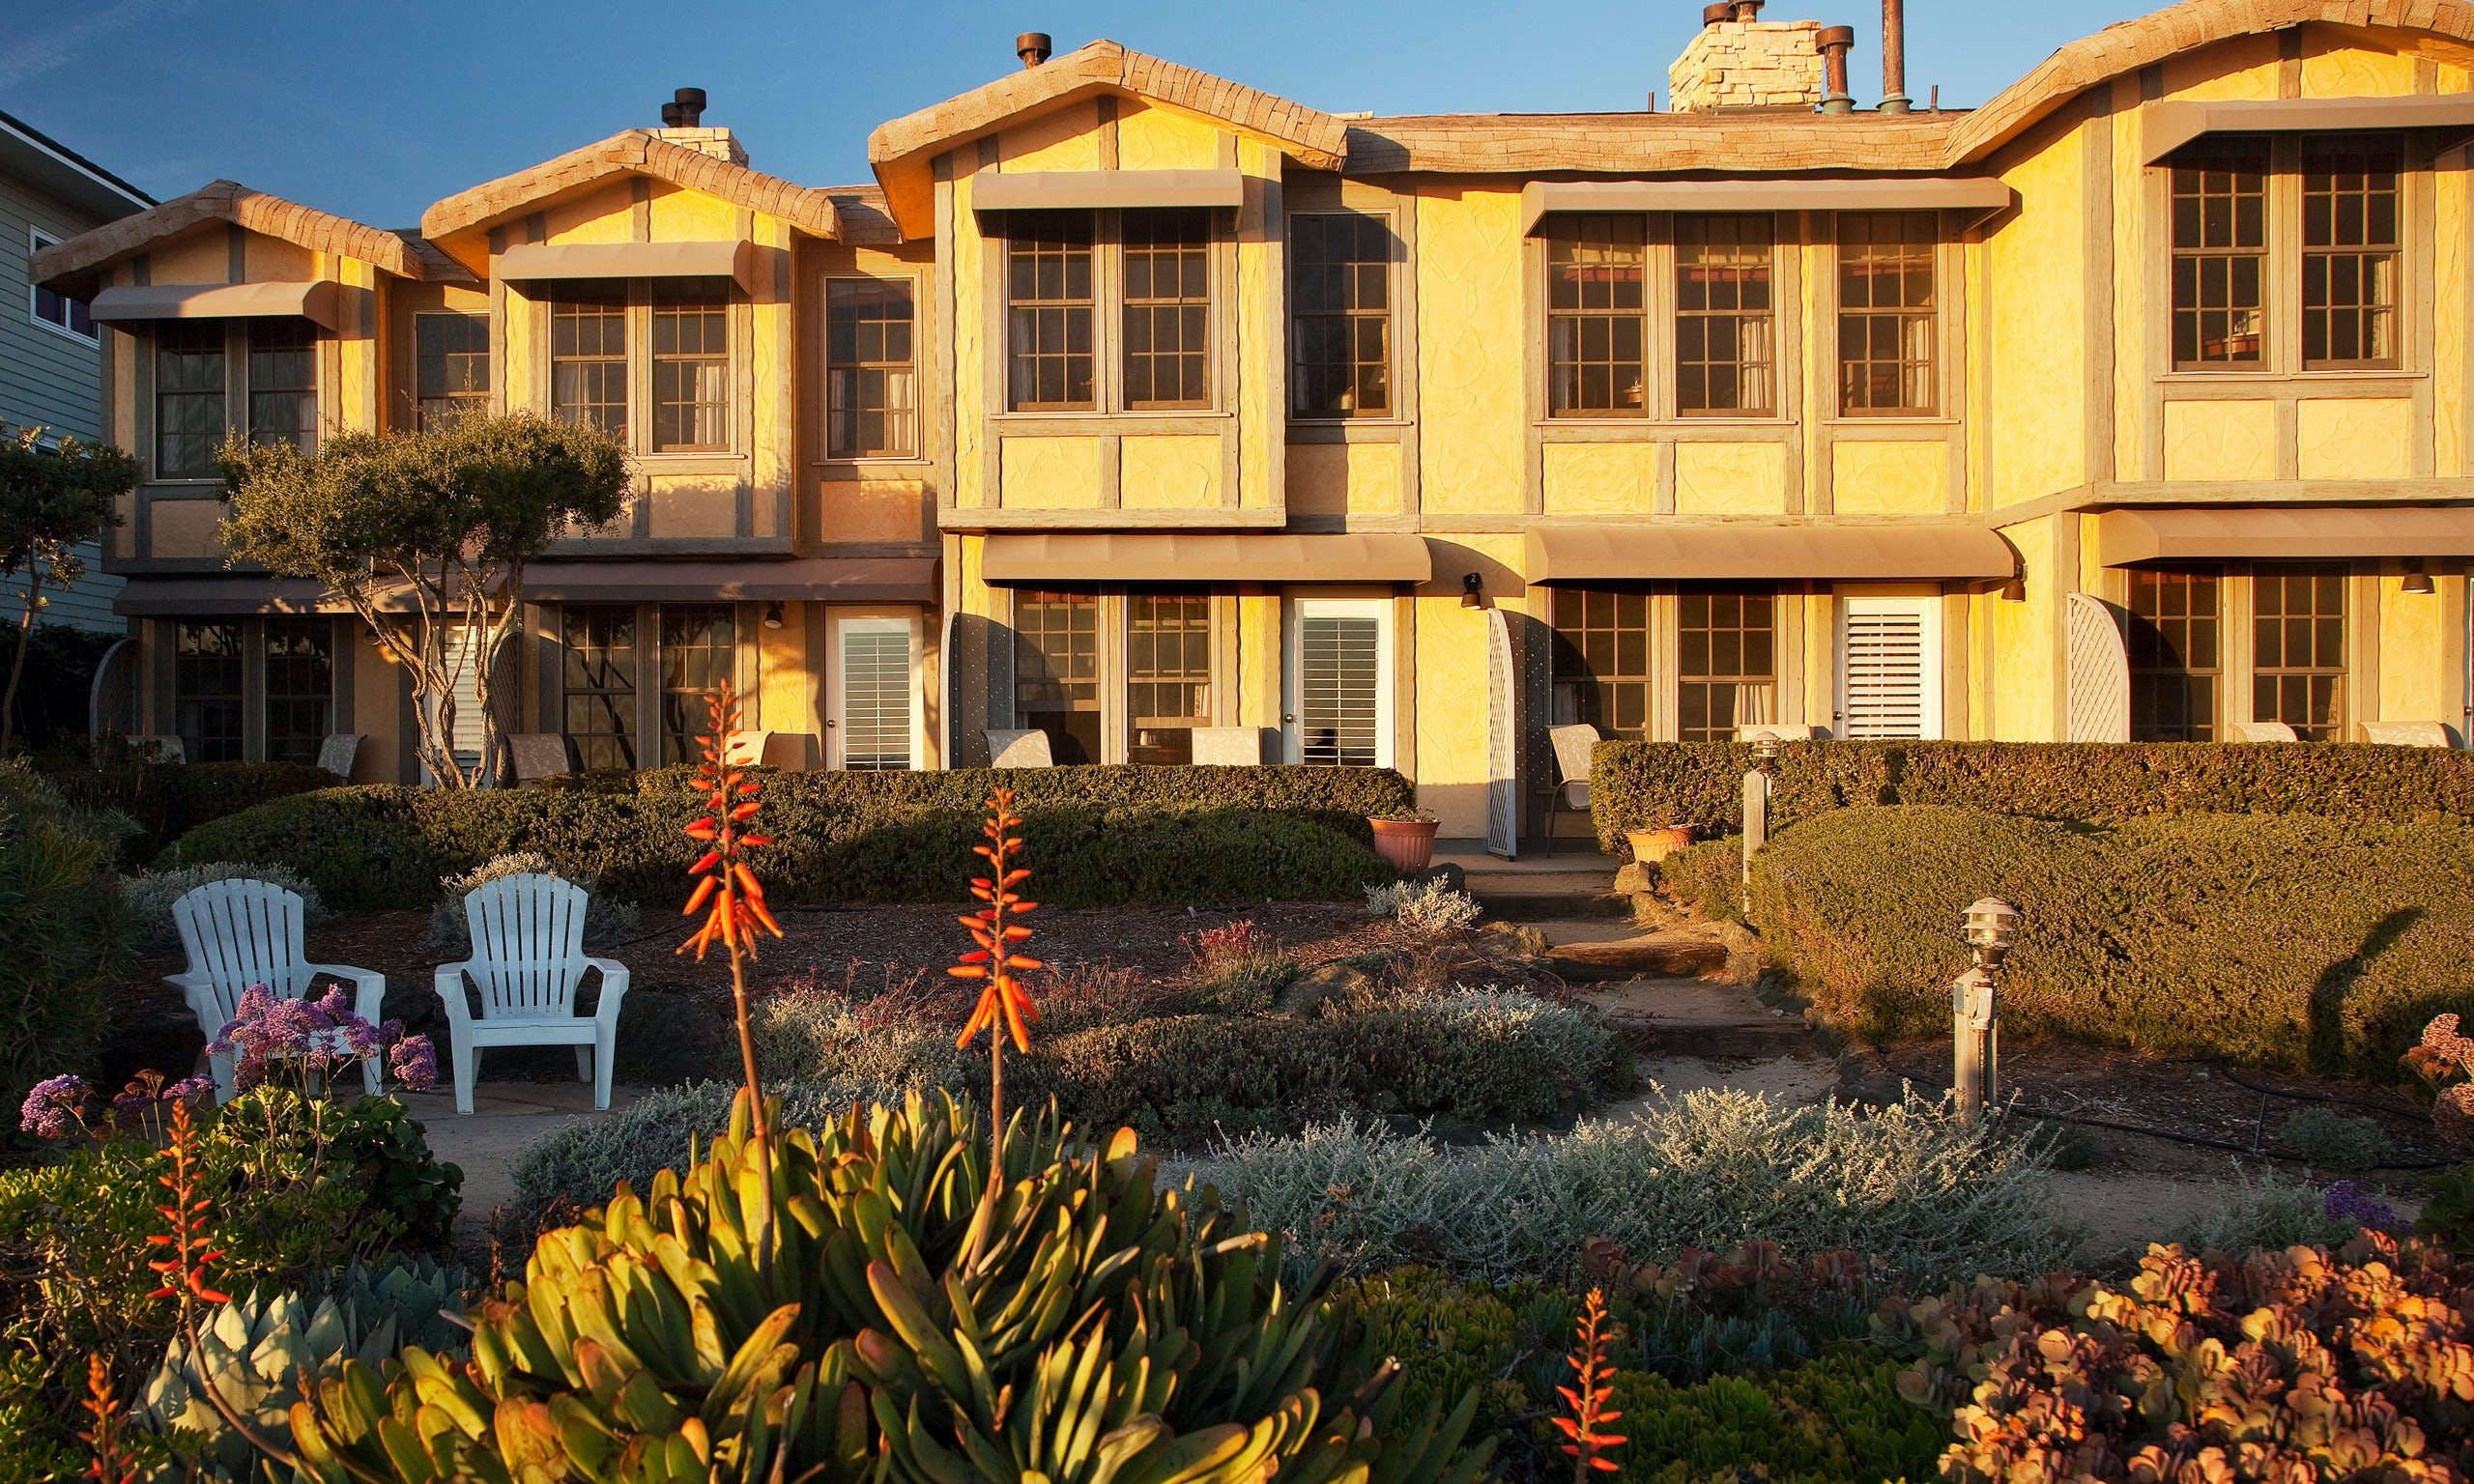 Last Minute Hotel Deals in San Luis Obispo - HotelTonight